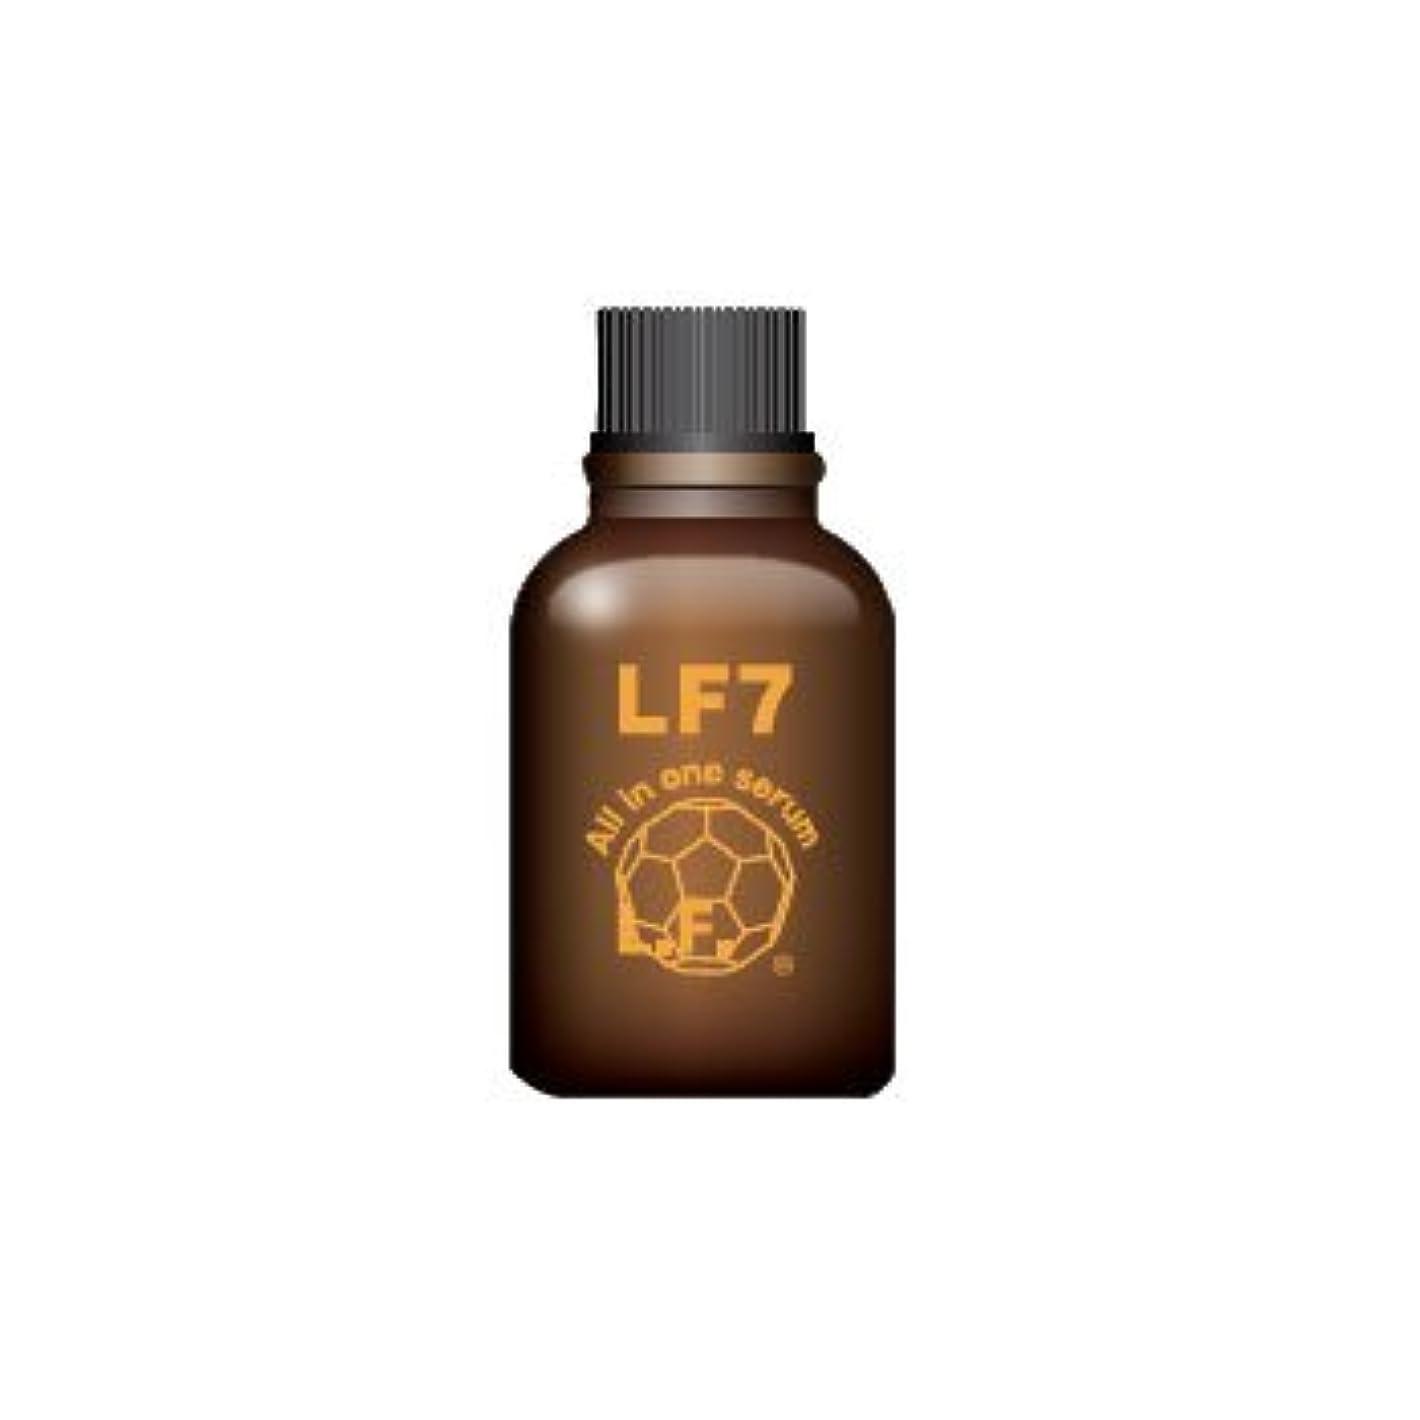 実証する尊敬剛性LF7オールインワンセラム【リポフラーレン7オールインワンセラム】20ml《BEAUTY MALL》